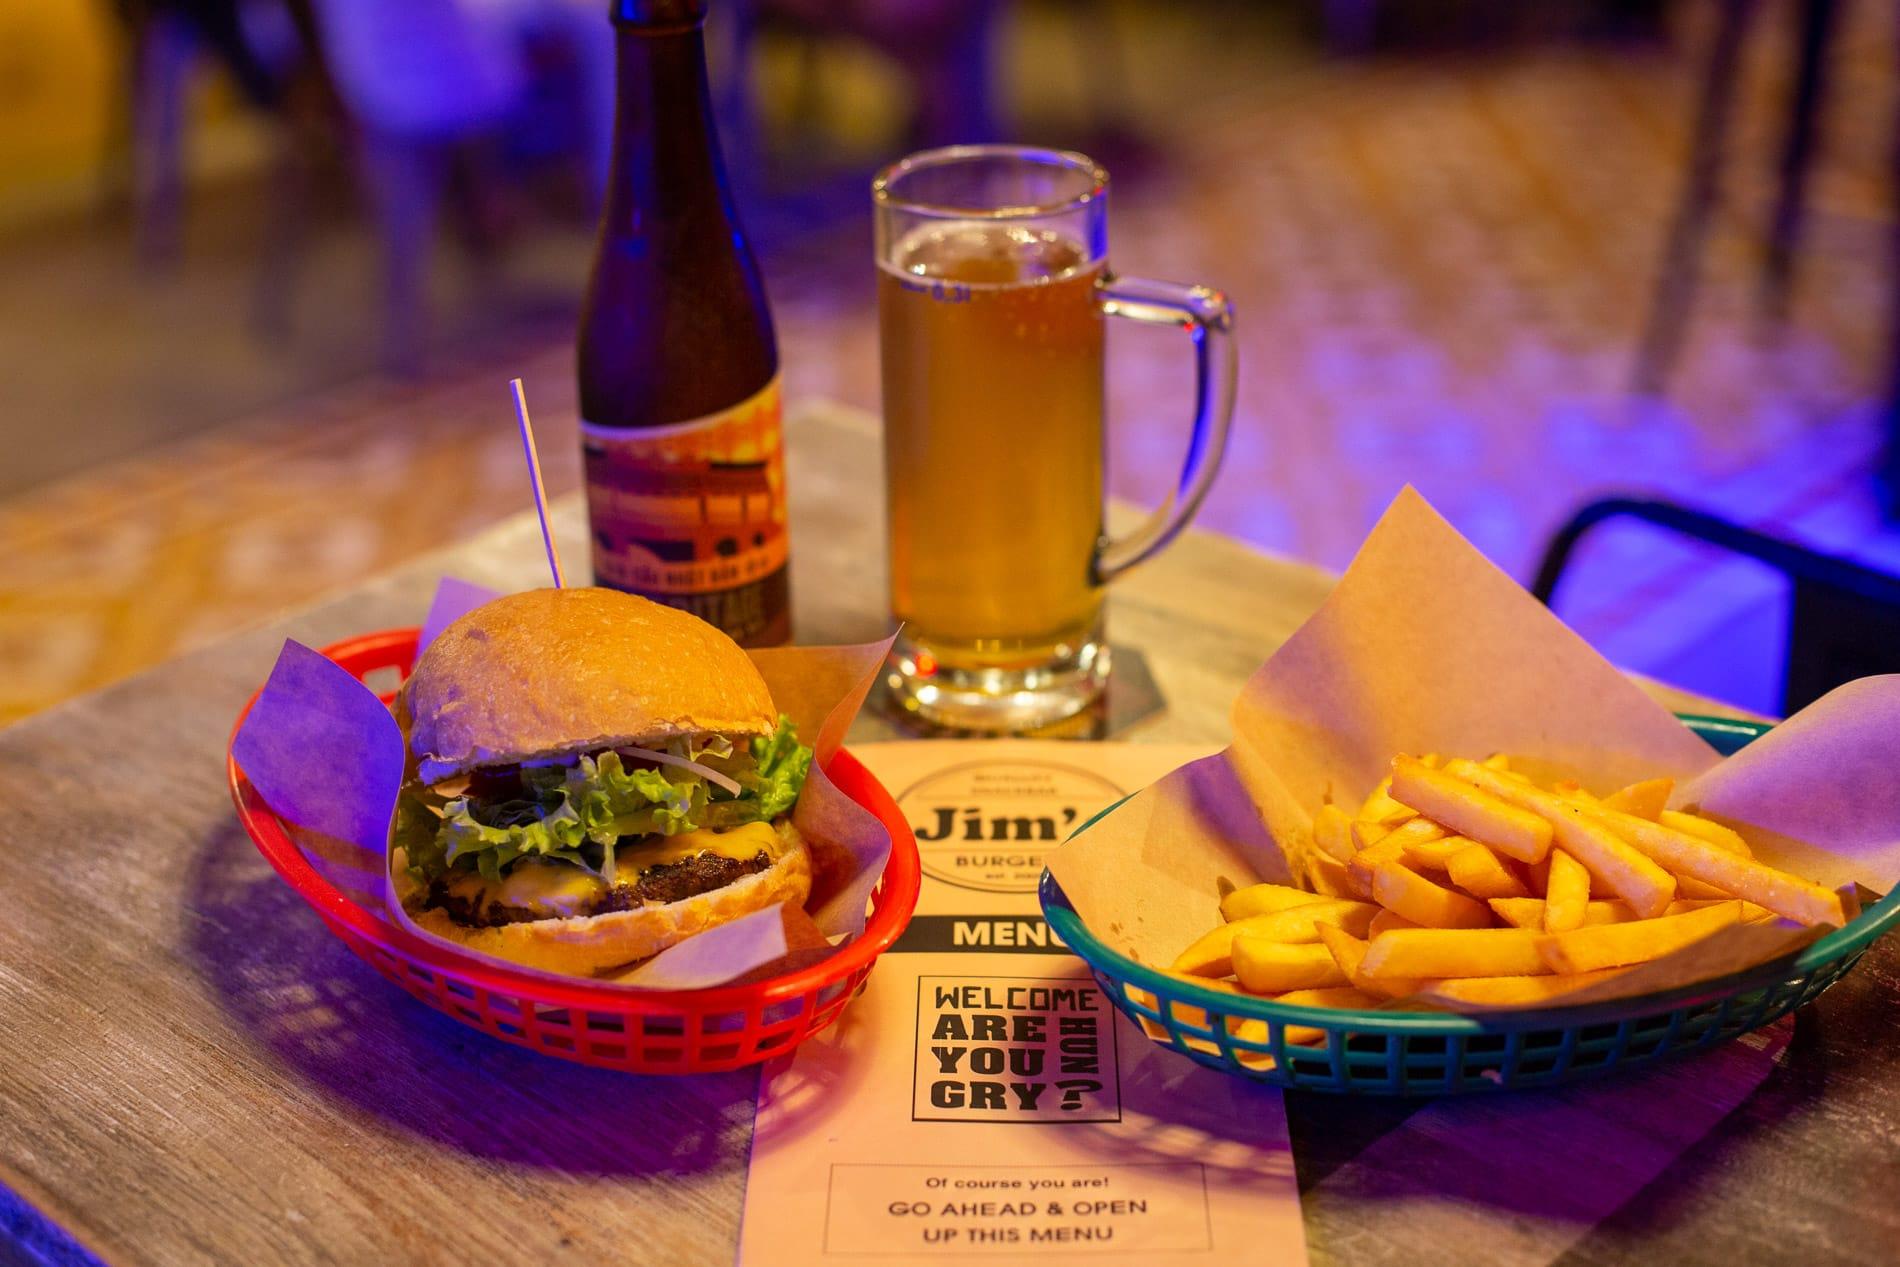 Tasty cheeseburger at Jim's Burgers